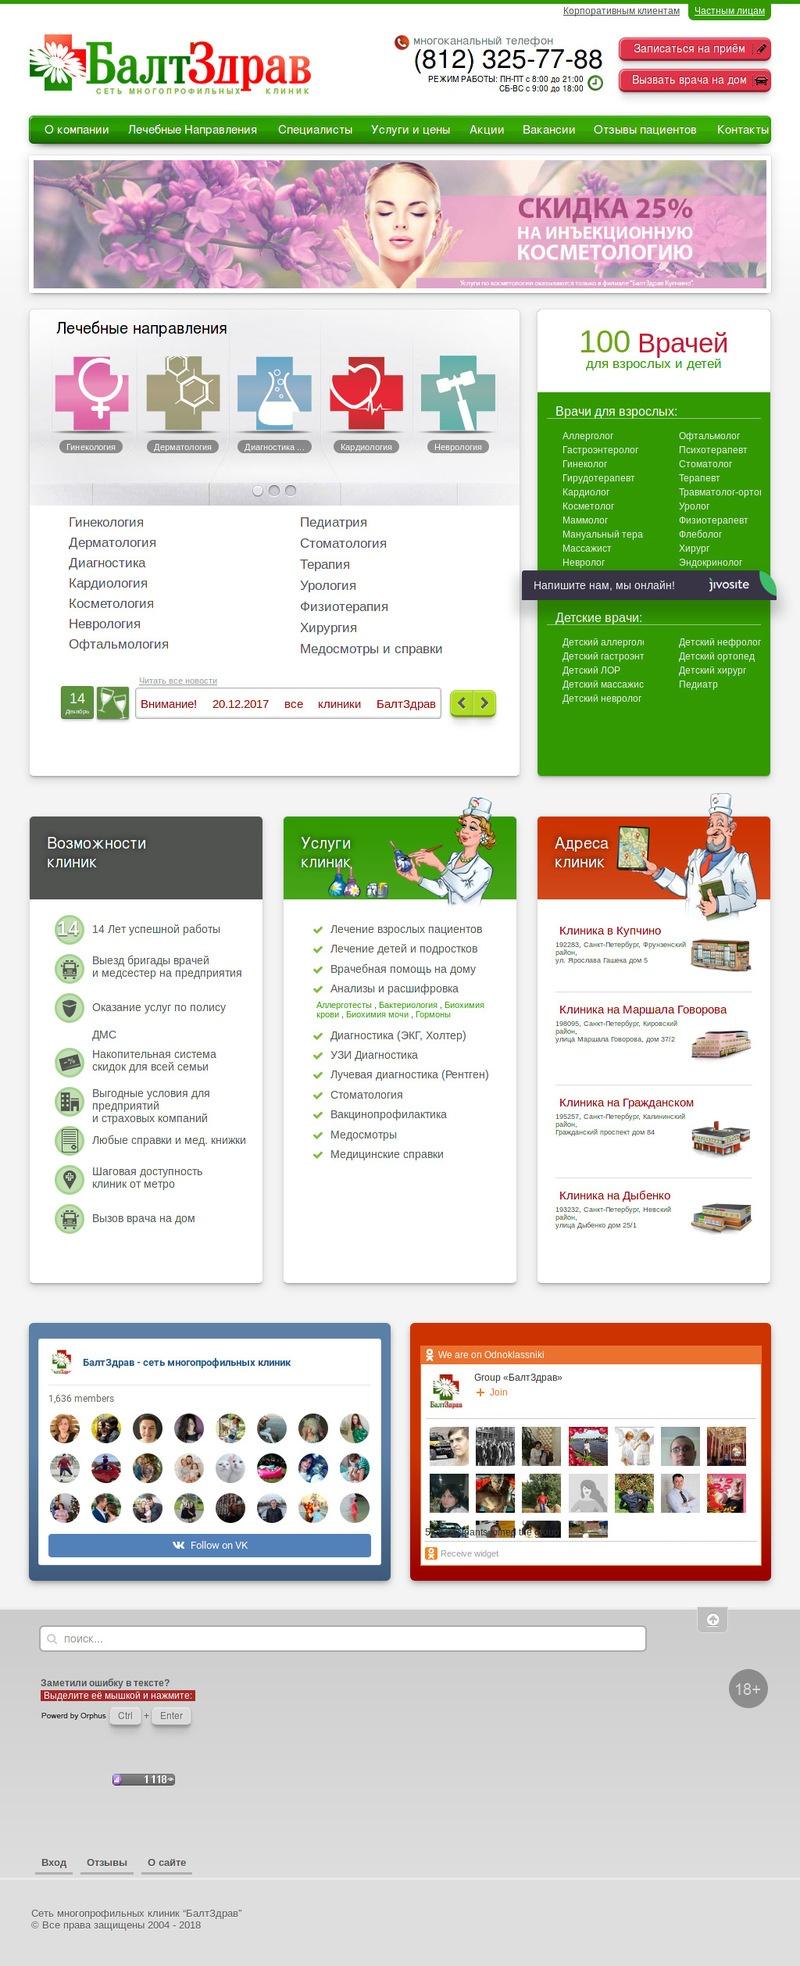 Редизайн сайта на joomla 2.5 с обновлением версии joomla